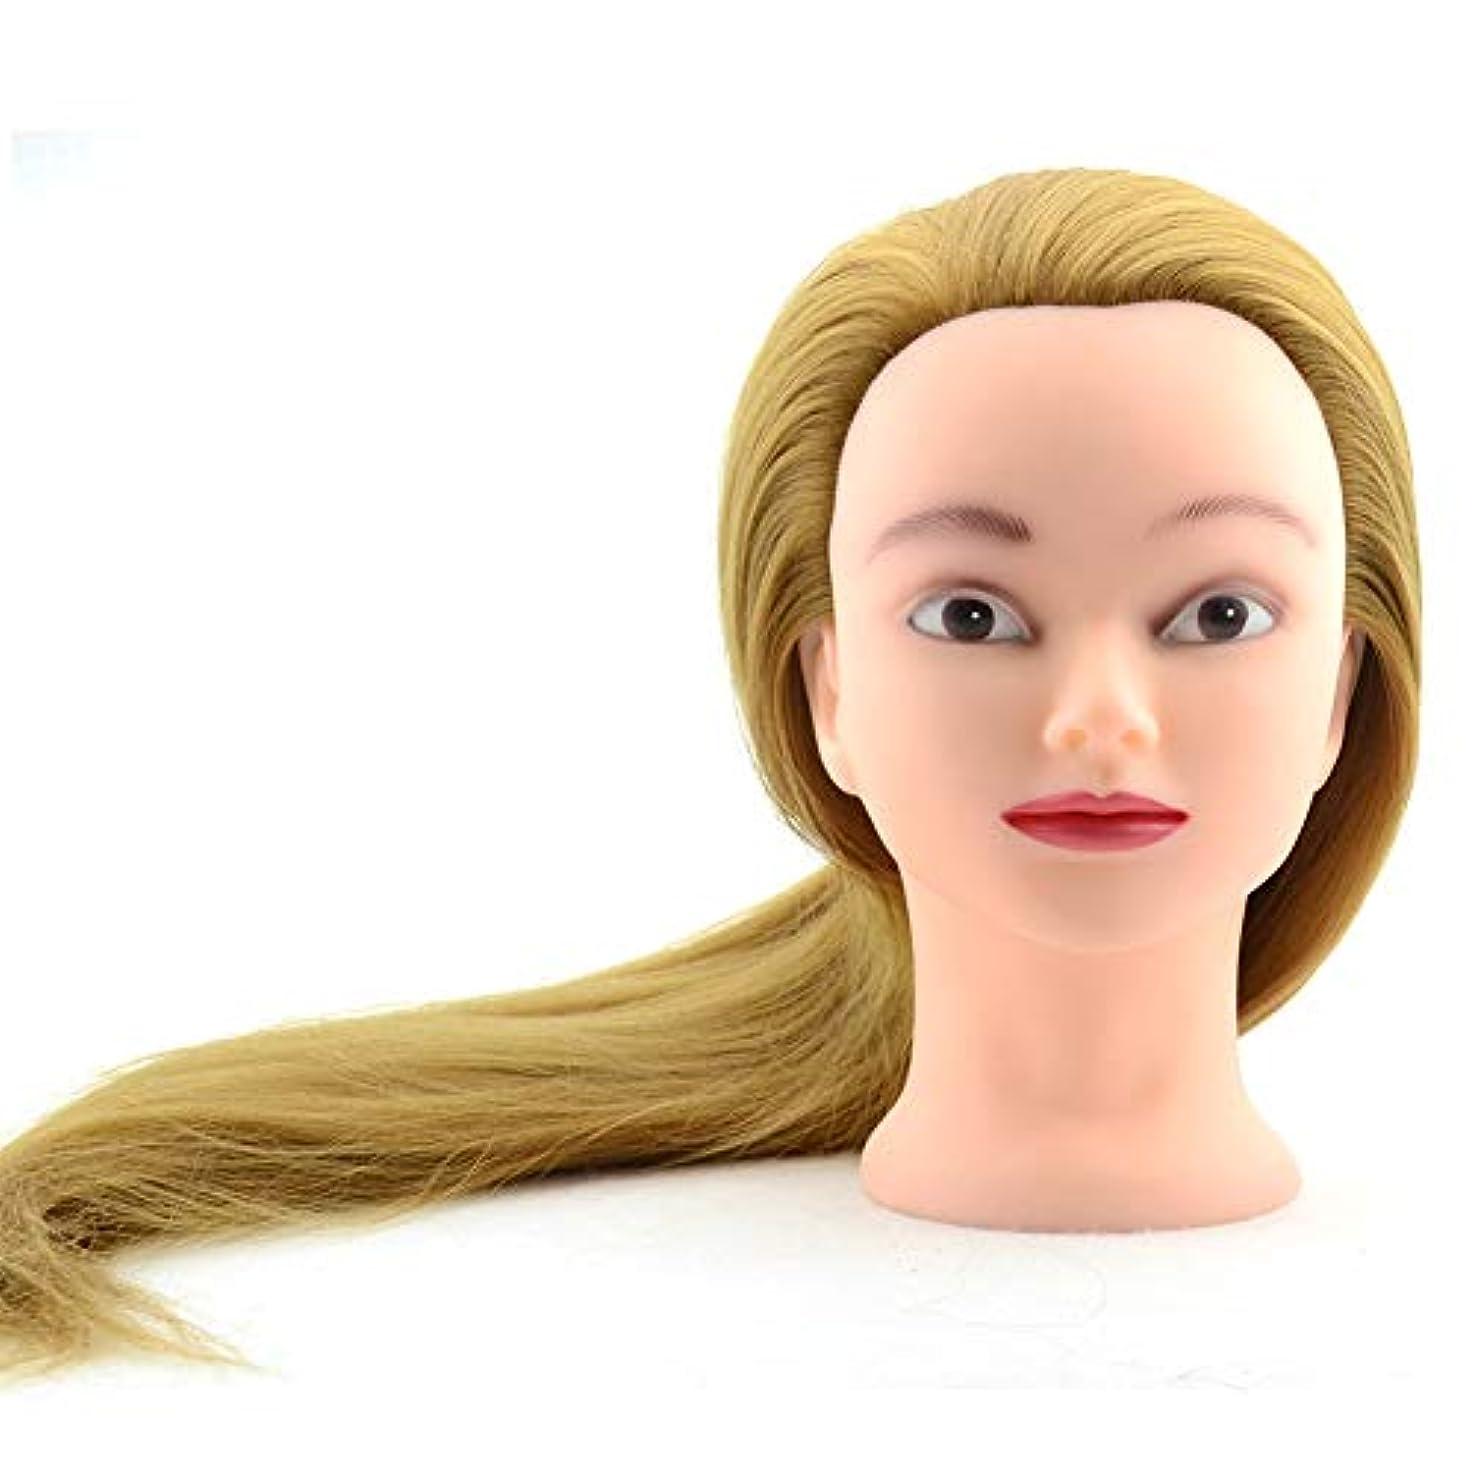 見通し英語の授業があります着替える化学繊維ウィッグモデルヘッド理髪店学習ゴールデンヘアーダミーヘッドブライダルメイクスタイリングエクササイズヘッドモード